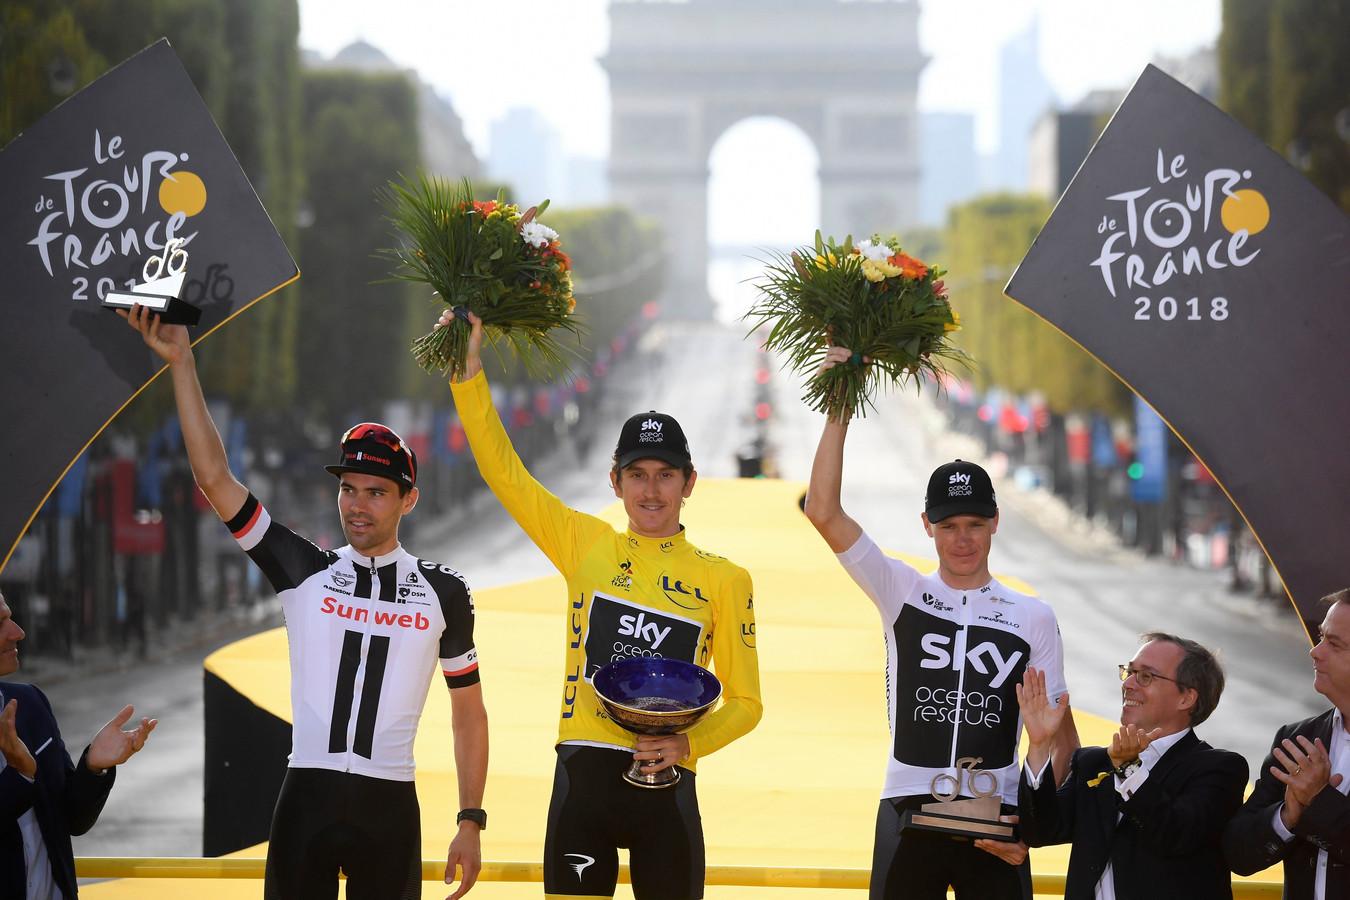 Het Tourpodium van 2018: Winnaar Geraint Thomas wordt geflankeerd door Tom Dumoulin (l) en Chris Froome (r).